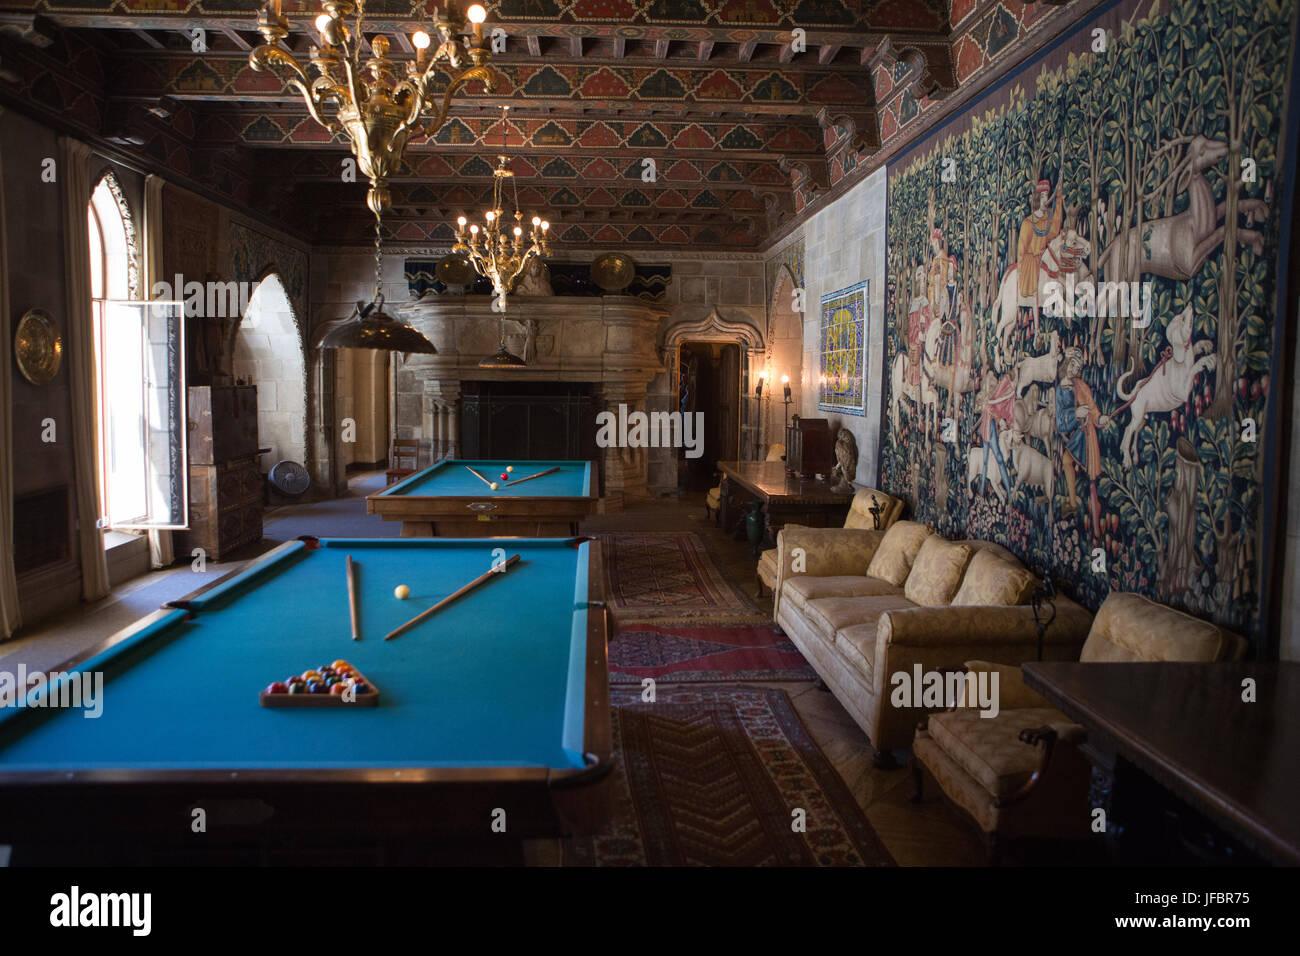 Il Castello Hearst e sala biliardo è decorato con mobili, arazzi, artwork e ornati in apparecchi di illuminazione. Immagini Stock